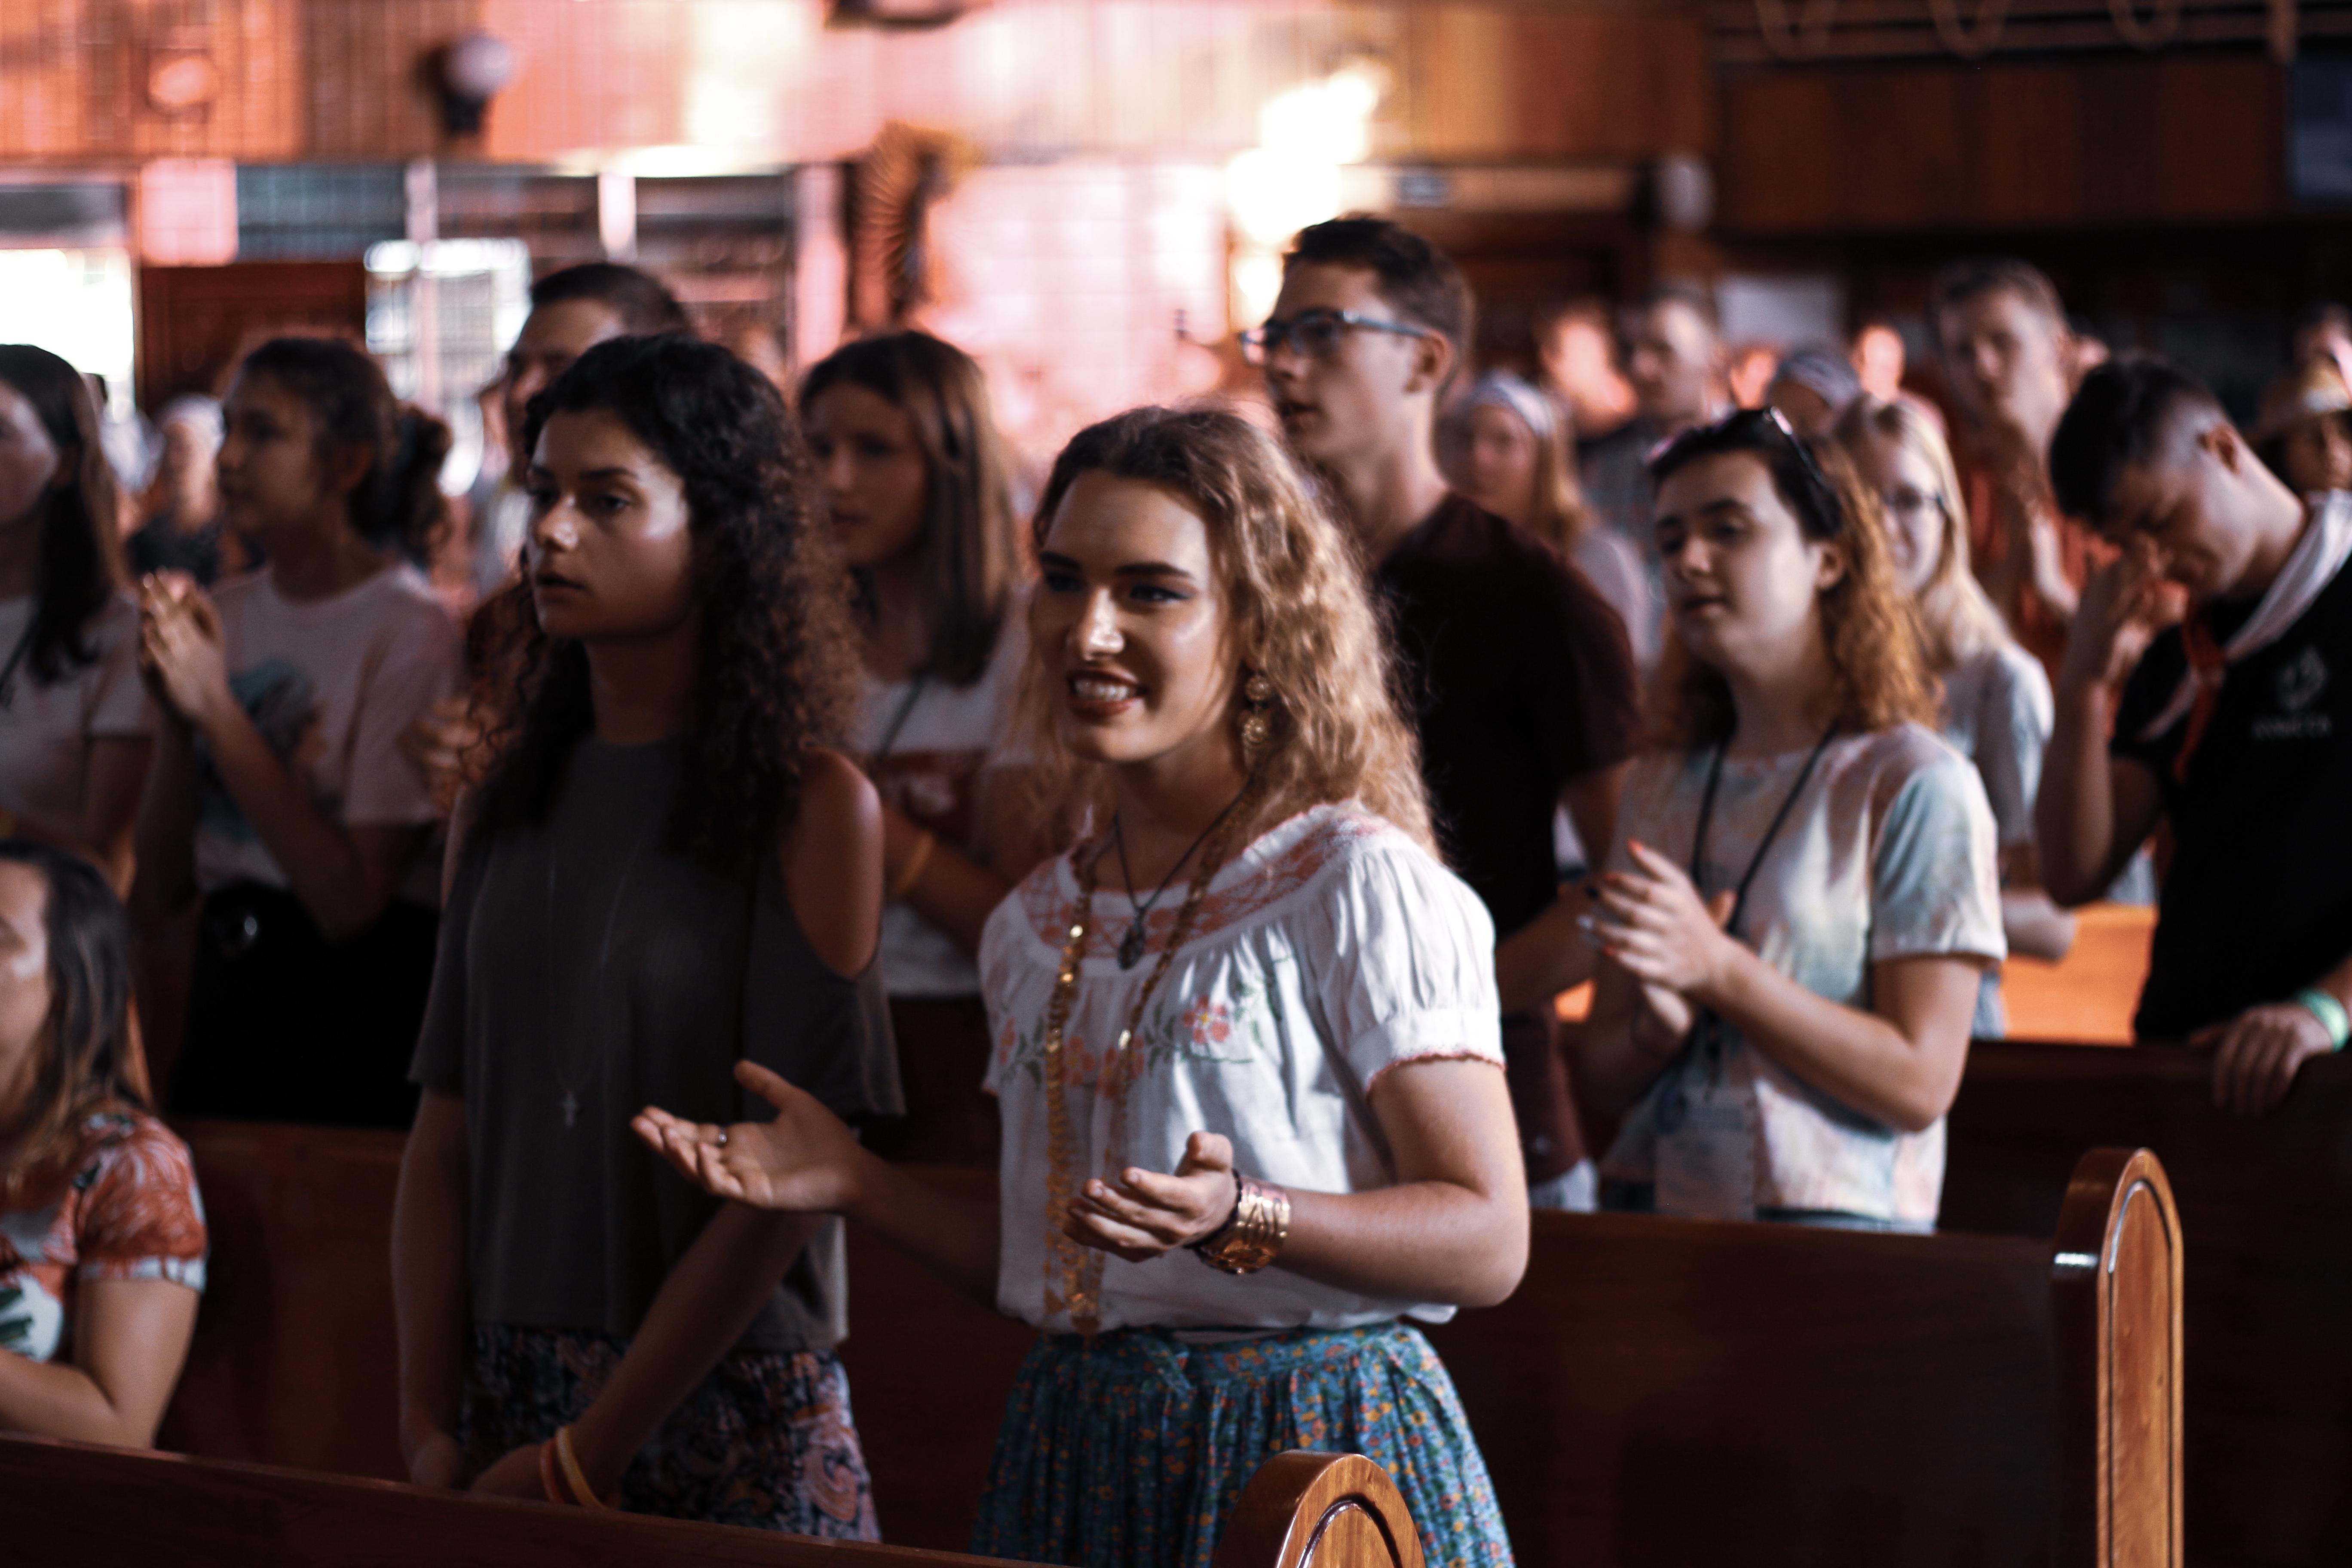 Bóg Cię kocha. Uwierz w to! – nauka rekolekcyjna abp Marka Jędraszewskiego w Monagrillo